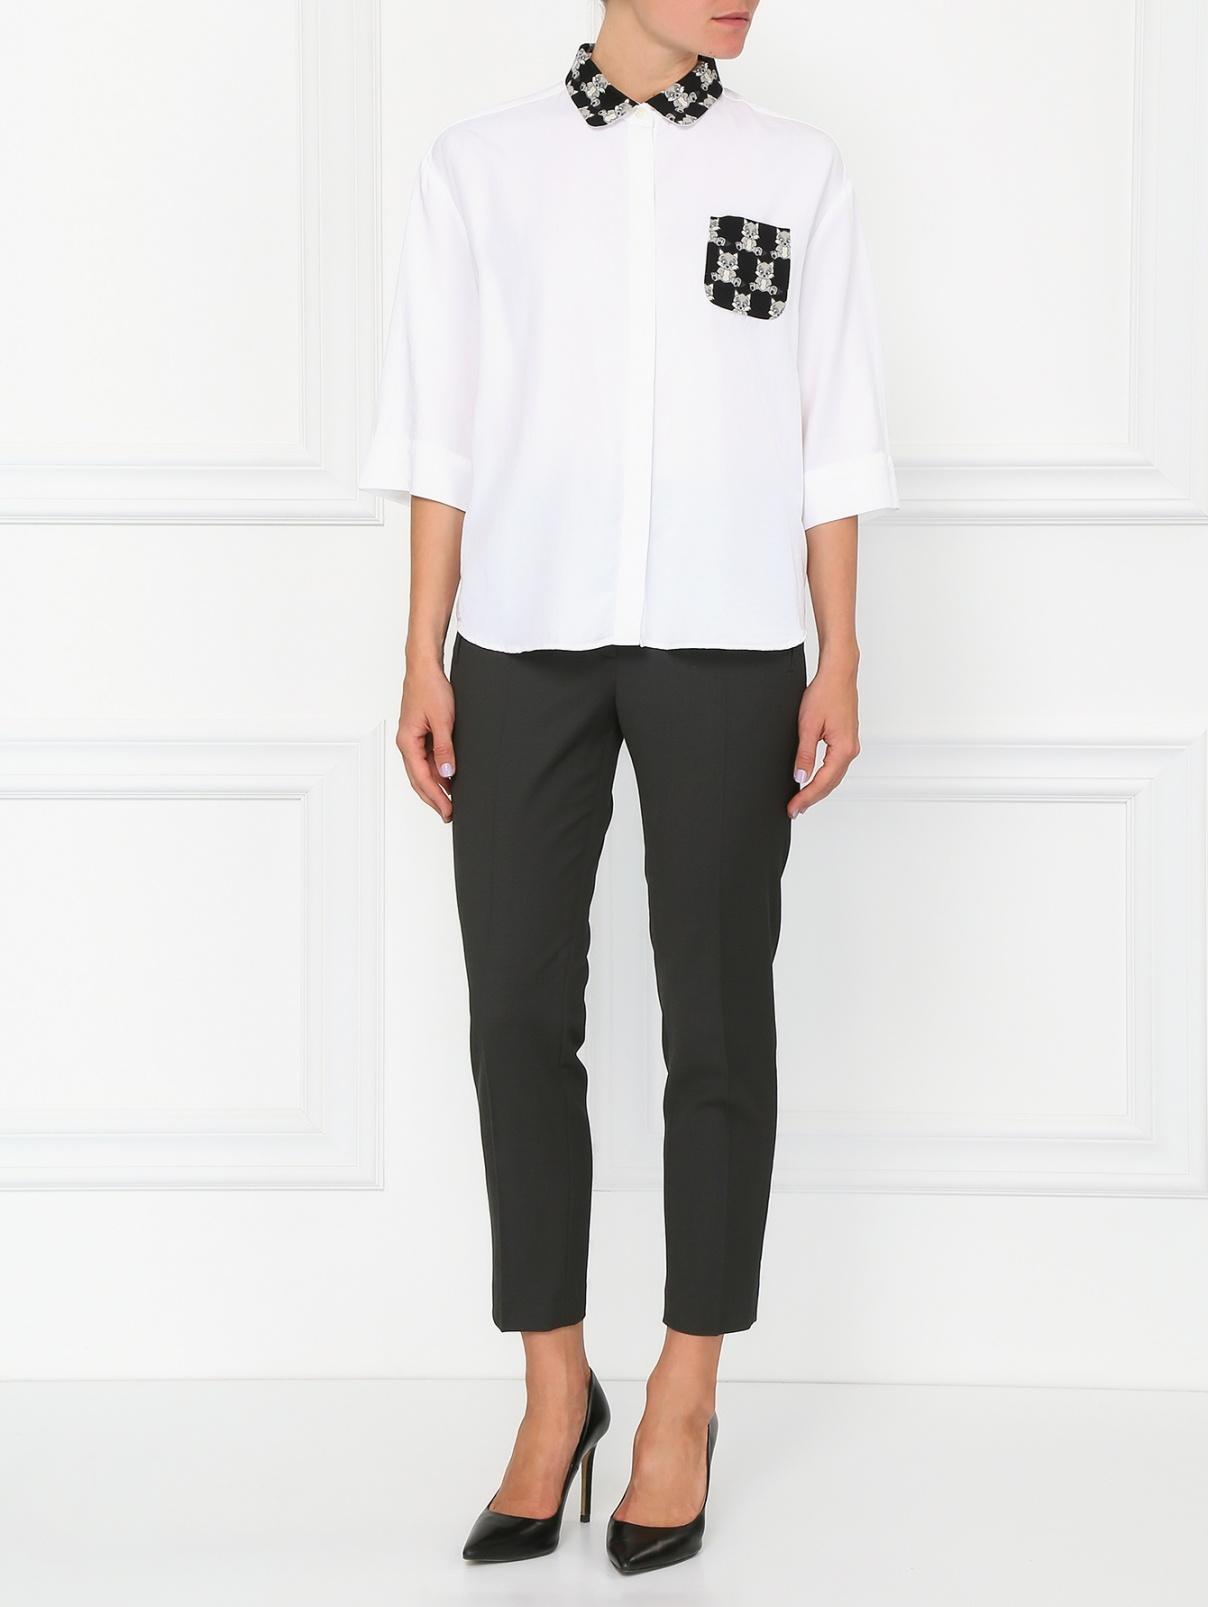 Узкие брюки с боковыми карманами Tara Jarmon  –  Модель Общий вид